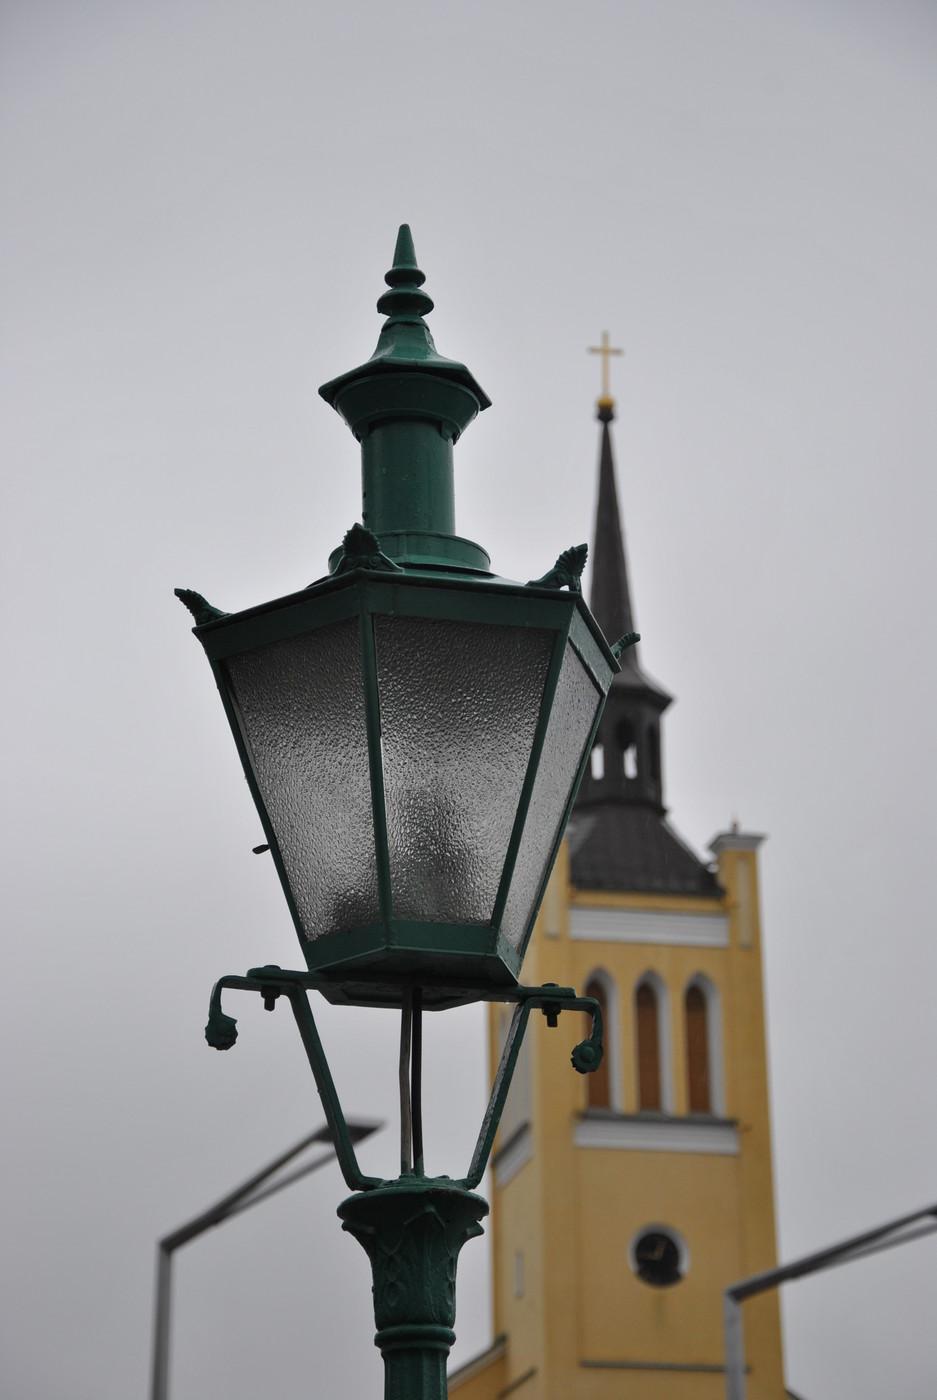 Miniloma Tallinnaan!